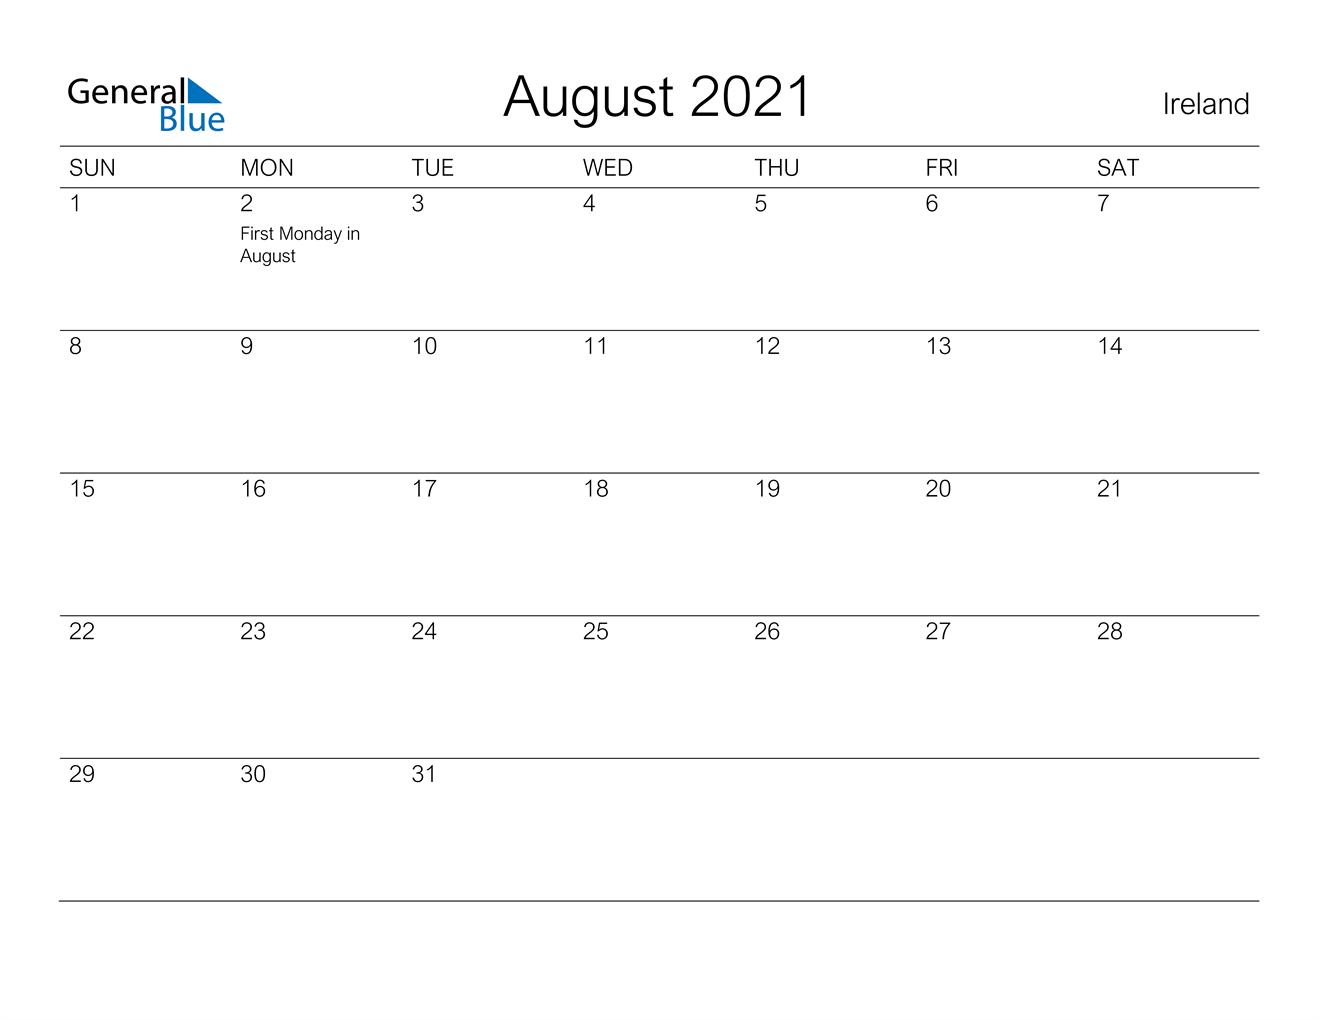 August 2021 Calendar - Ireland